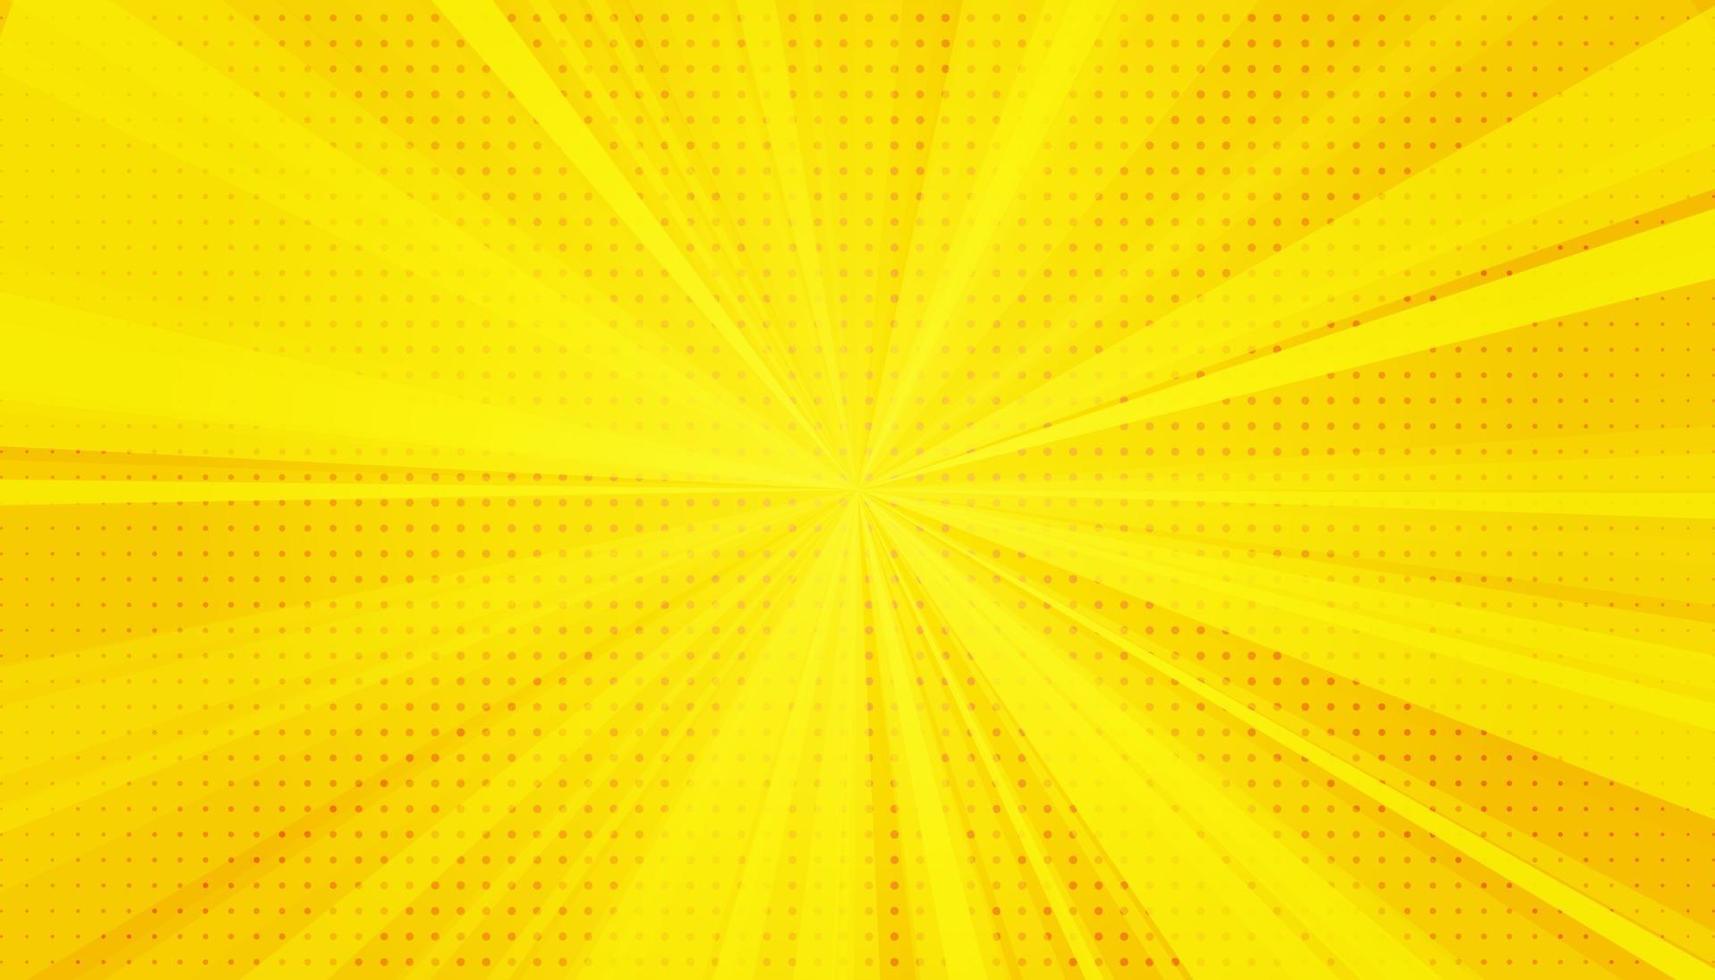 gula serier popkonst bakgrund. gradient halvton popkonst retrostil vektor